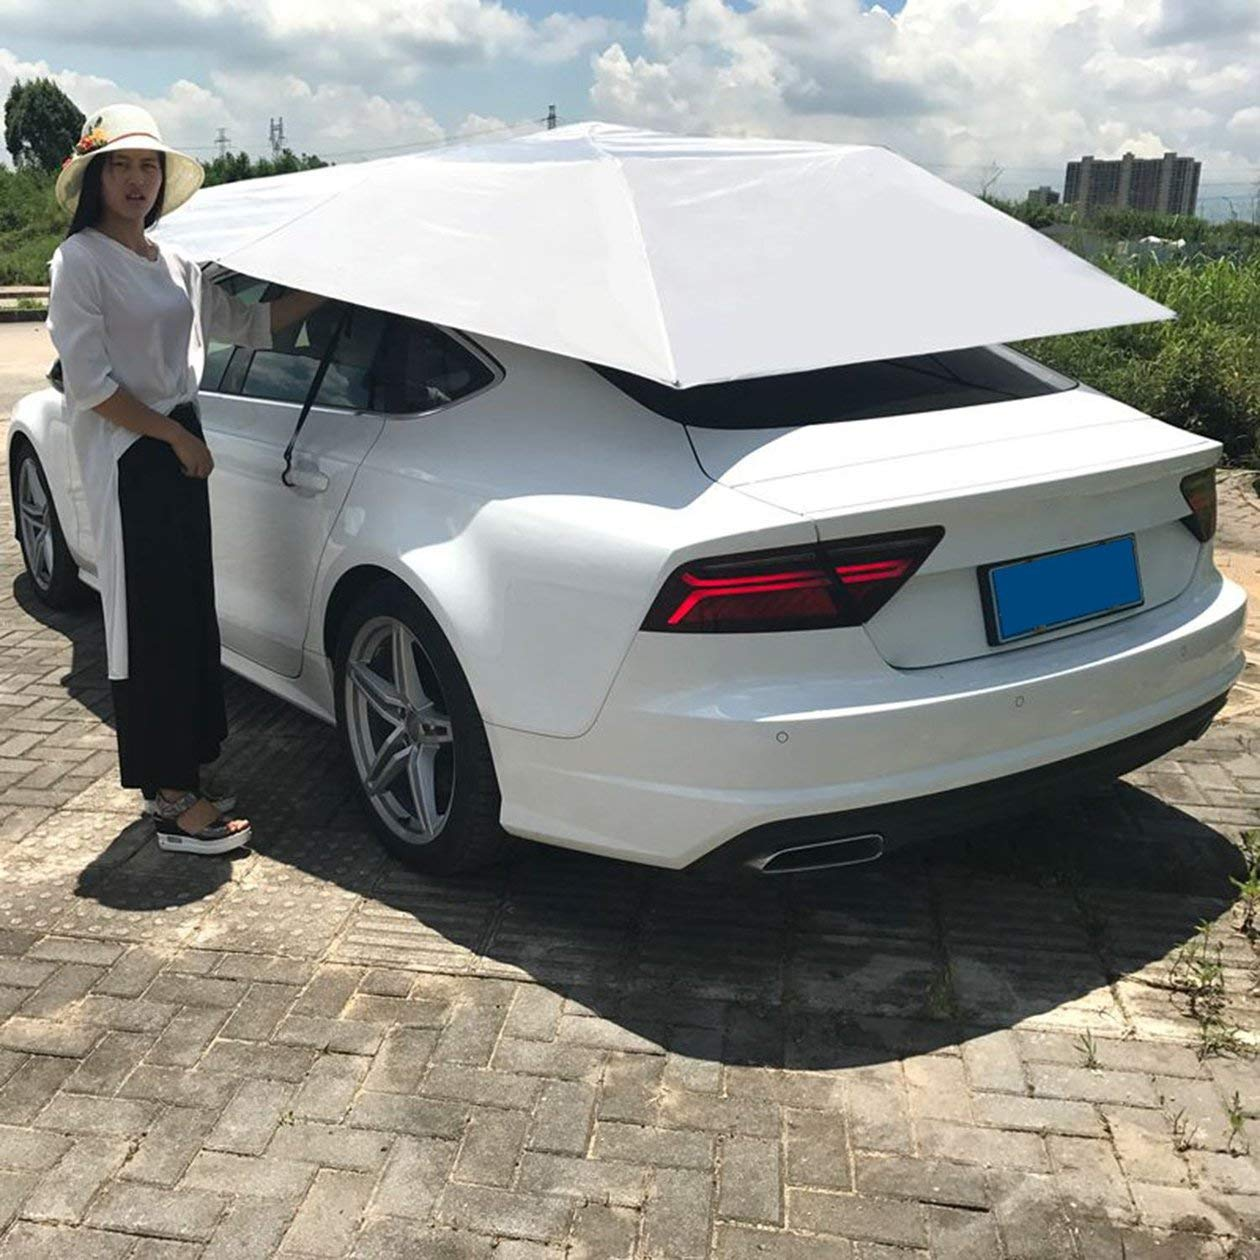 Automatische Autodach-Zelt, bewegliches Autodach Sonnenschutz Regenschirm Wasserdichte staubdichte Markise mit Blau Fernbedienung, Blau mit 78a0ed